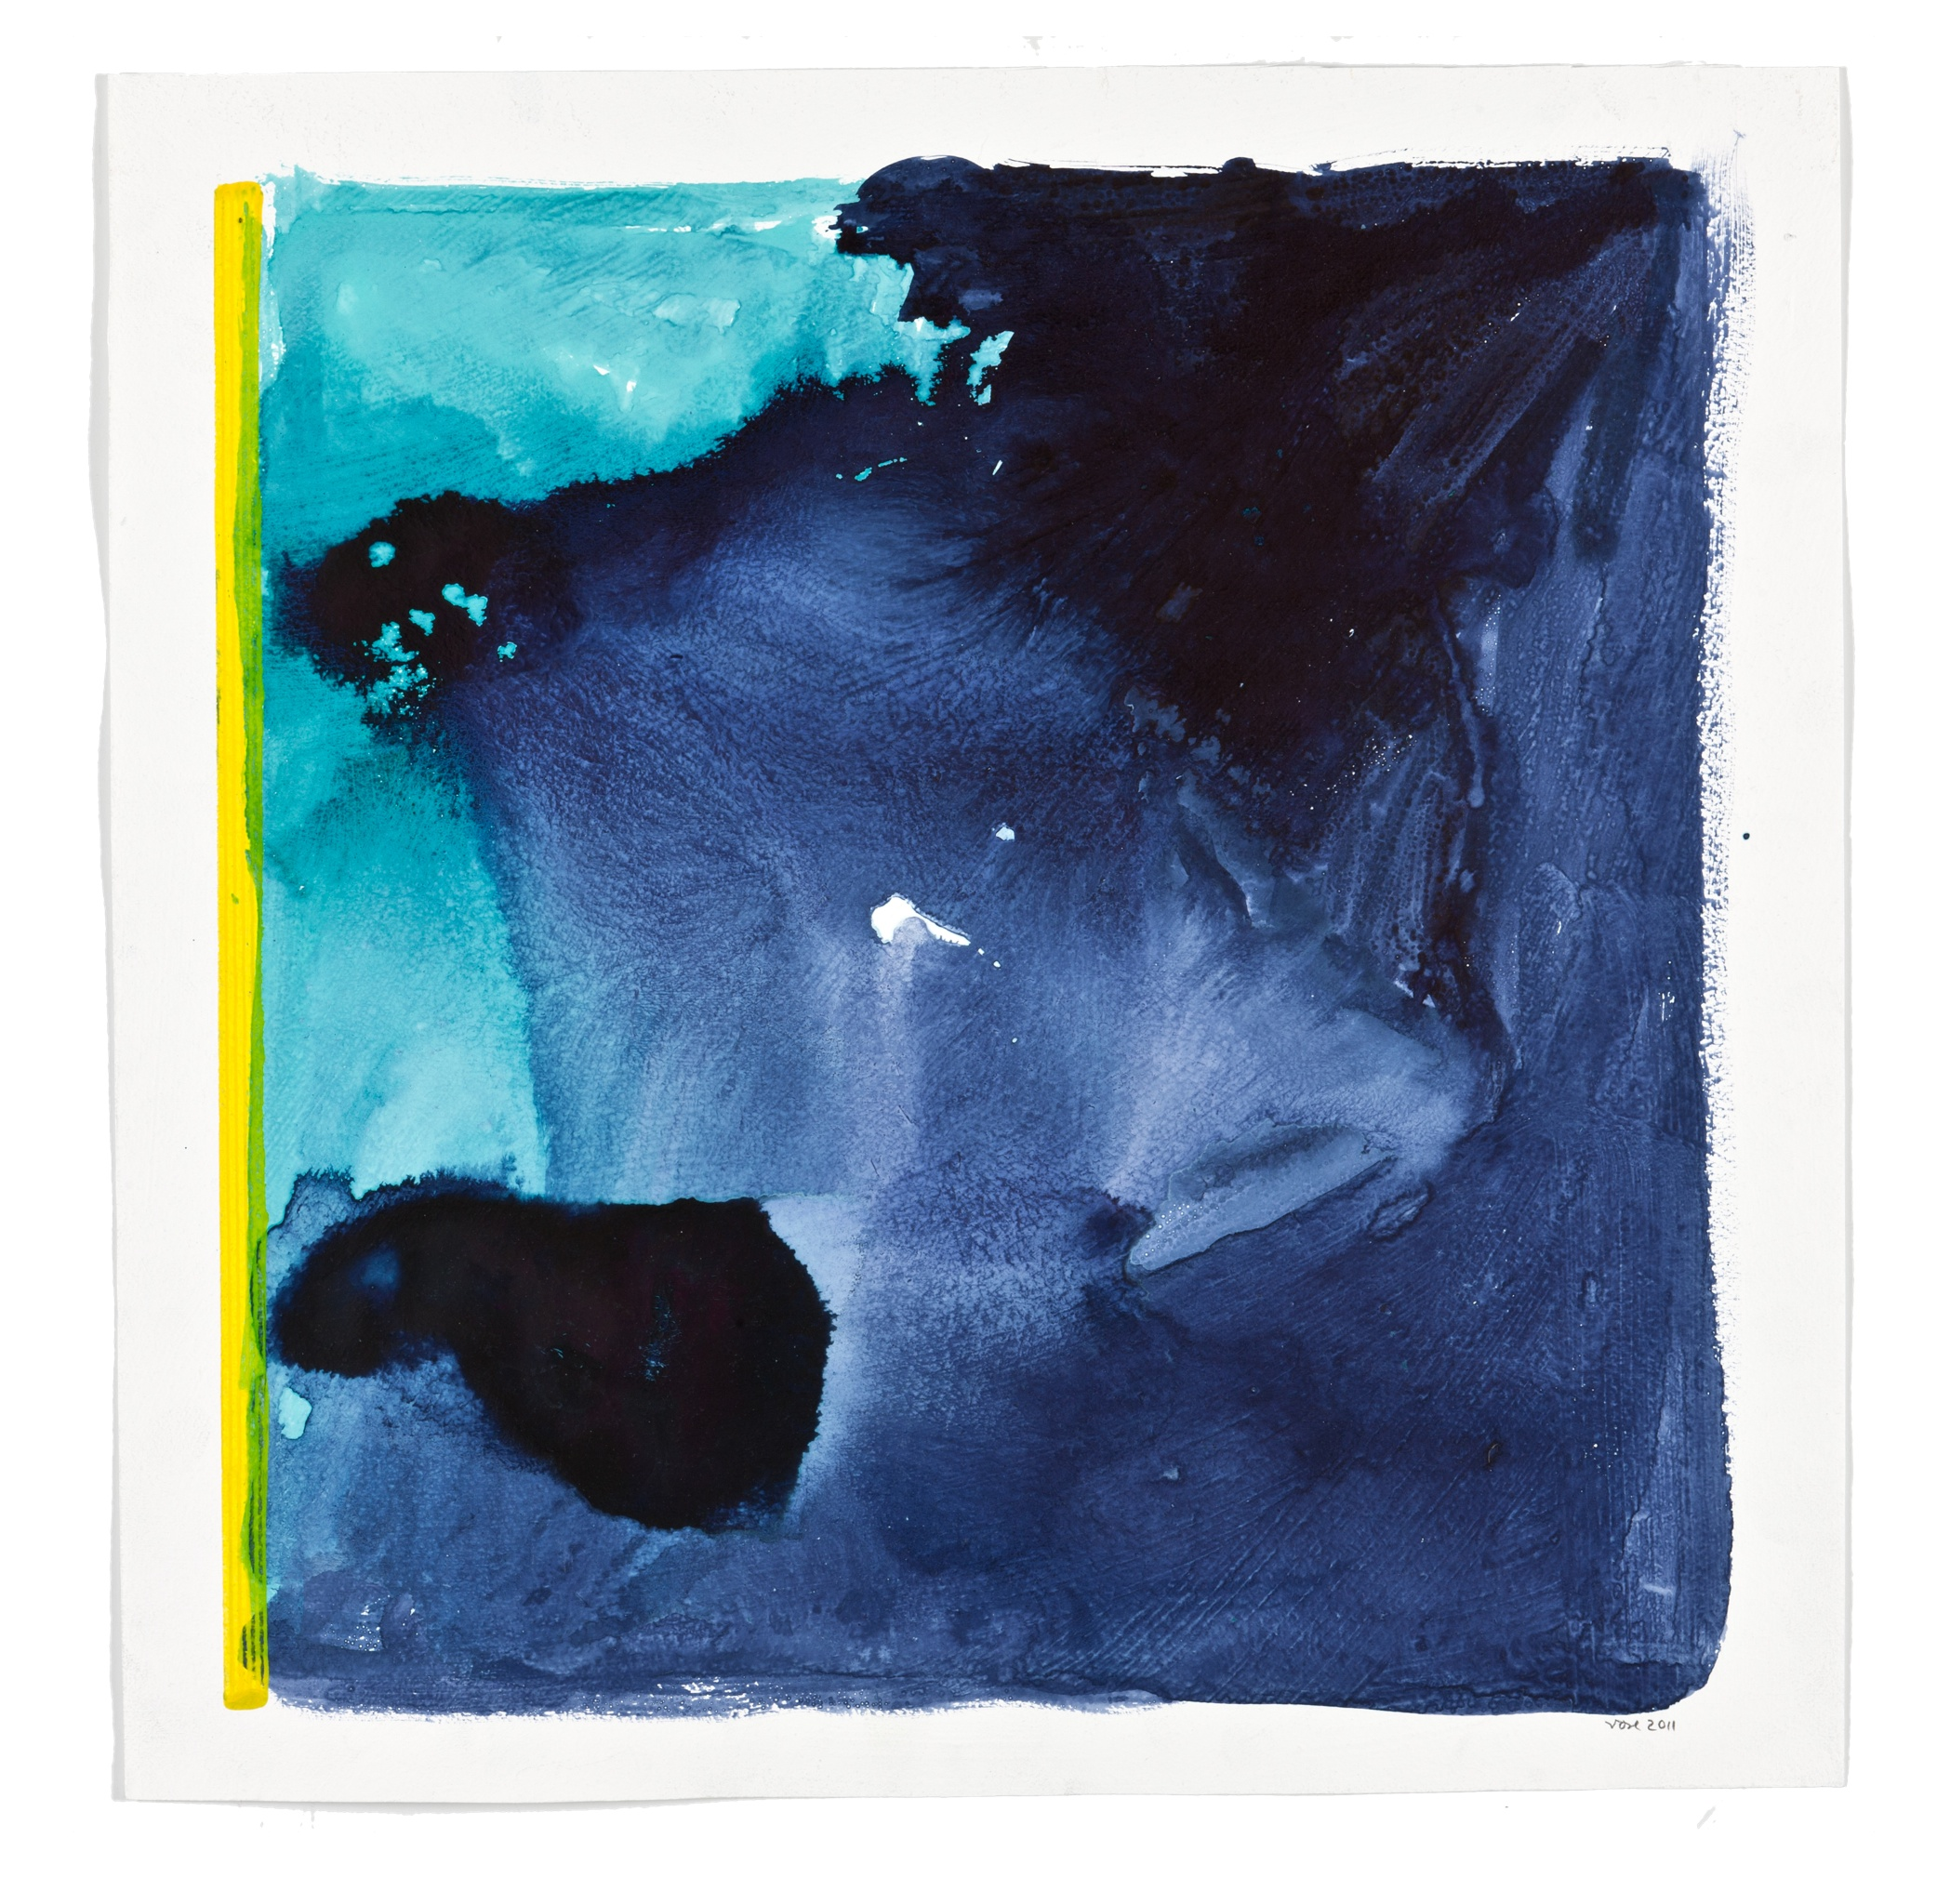 Rolf Rose, 59 x 59 cm, Aquarell auf Glasfaservlies